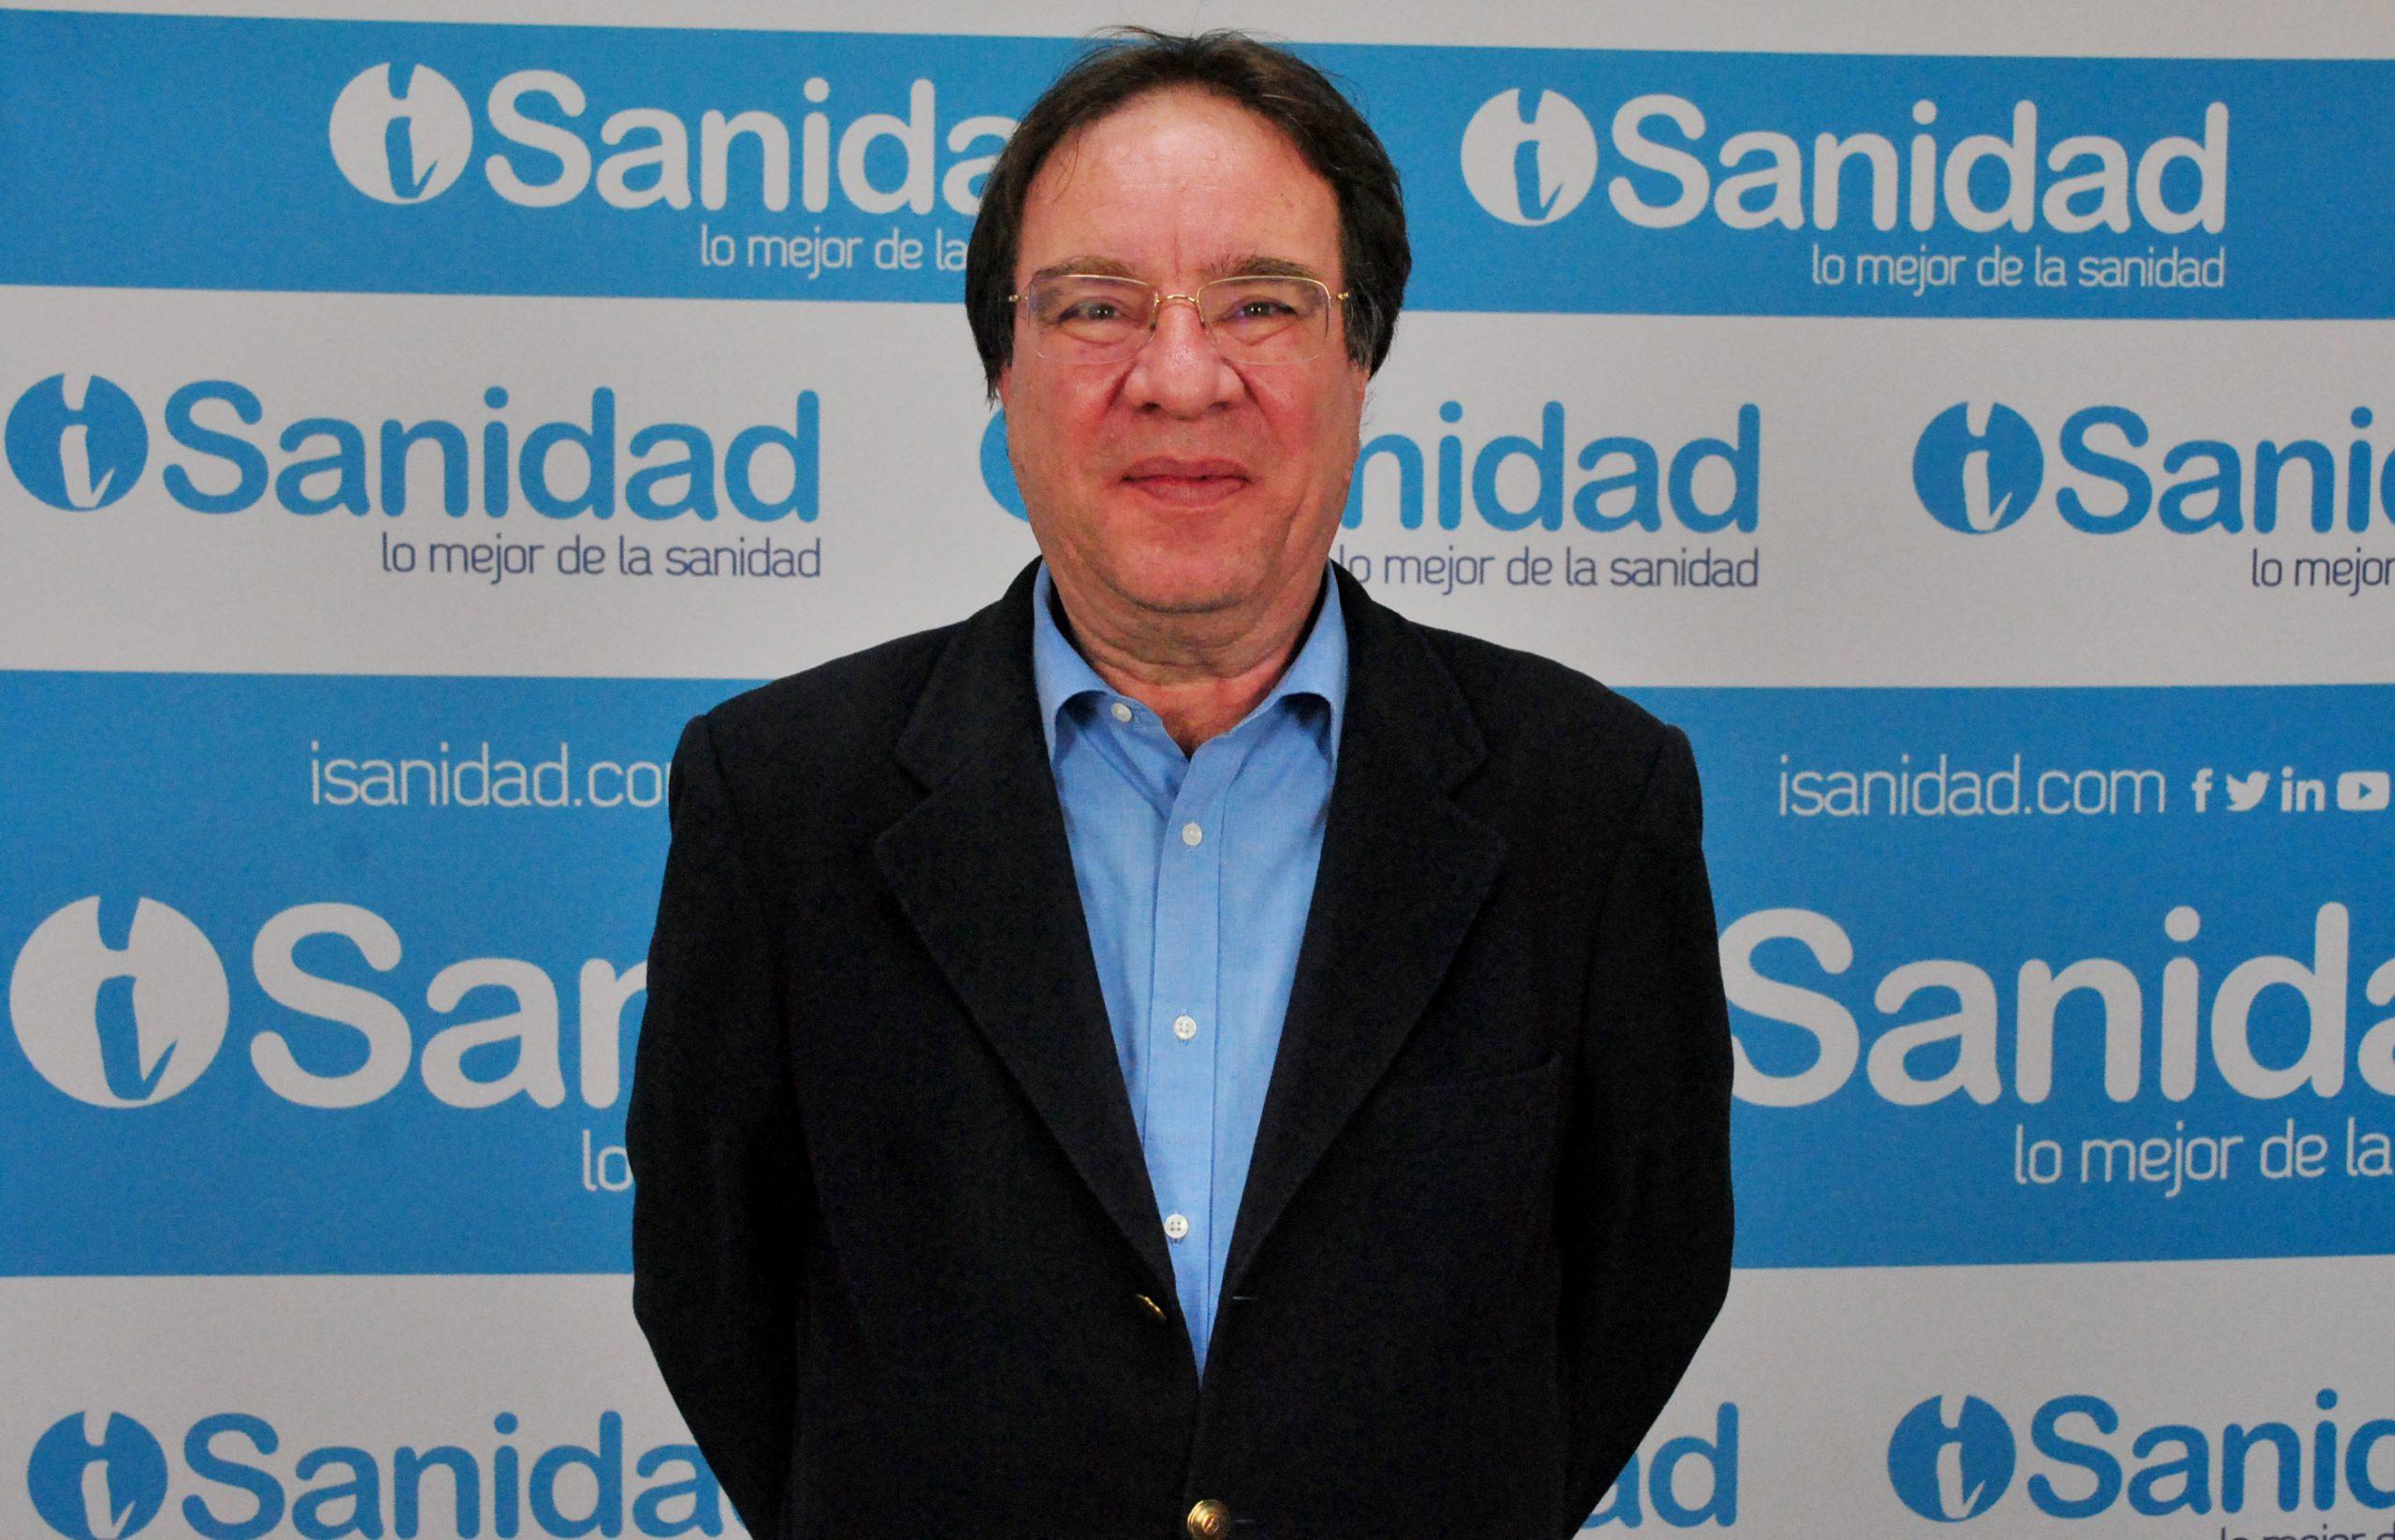 La propuesta del presidente de la Asociación española de vacunología para acabar con el miedo